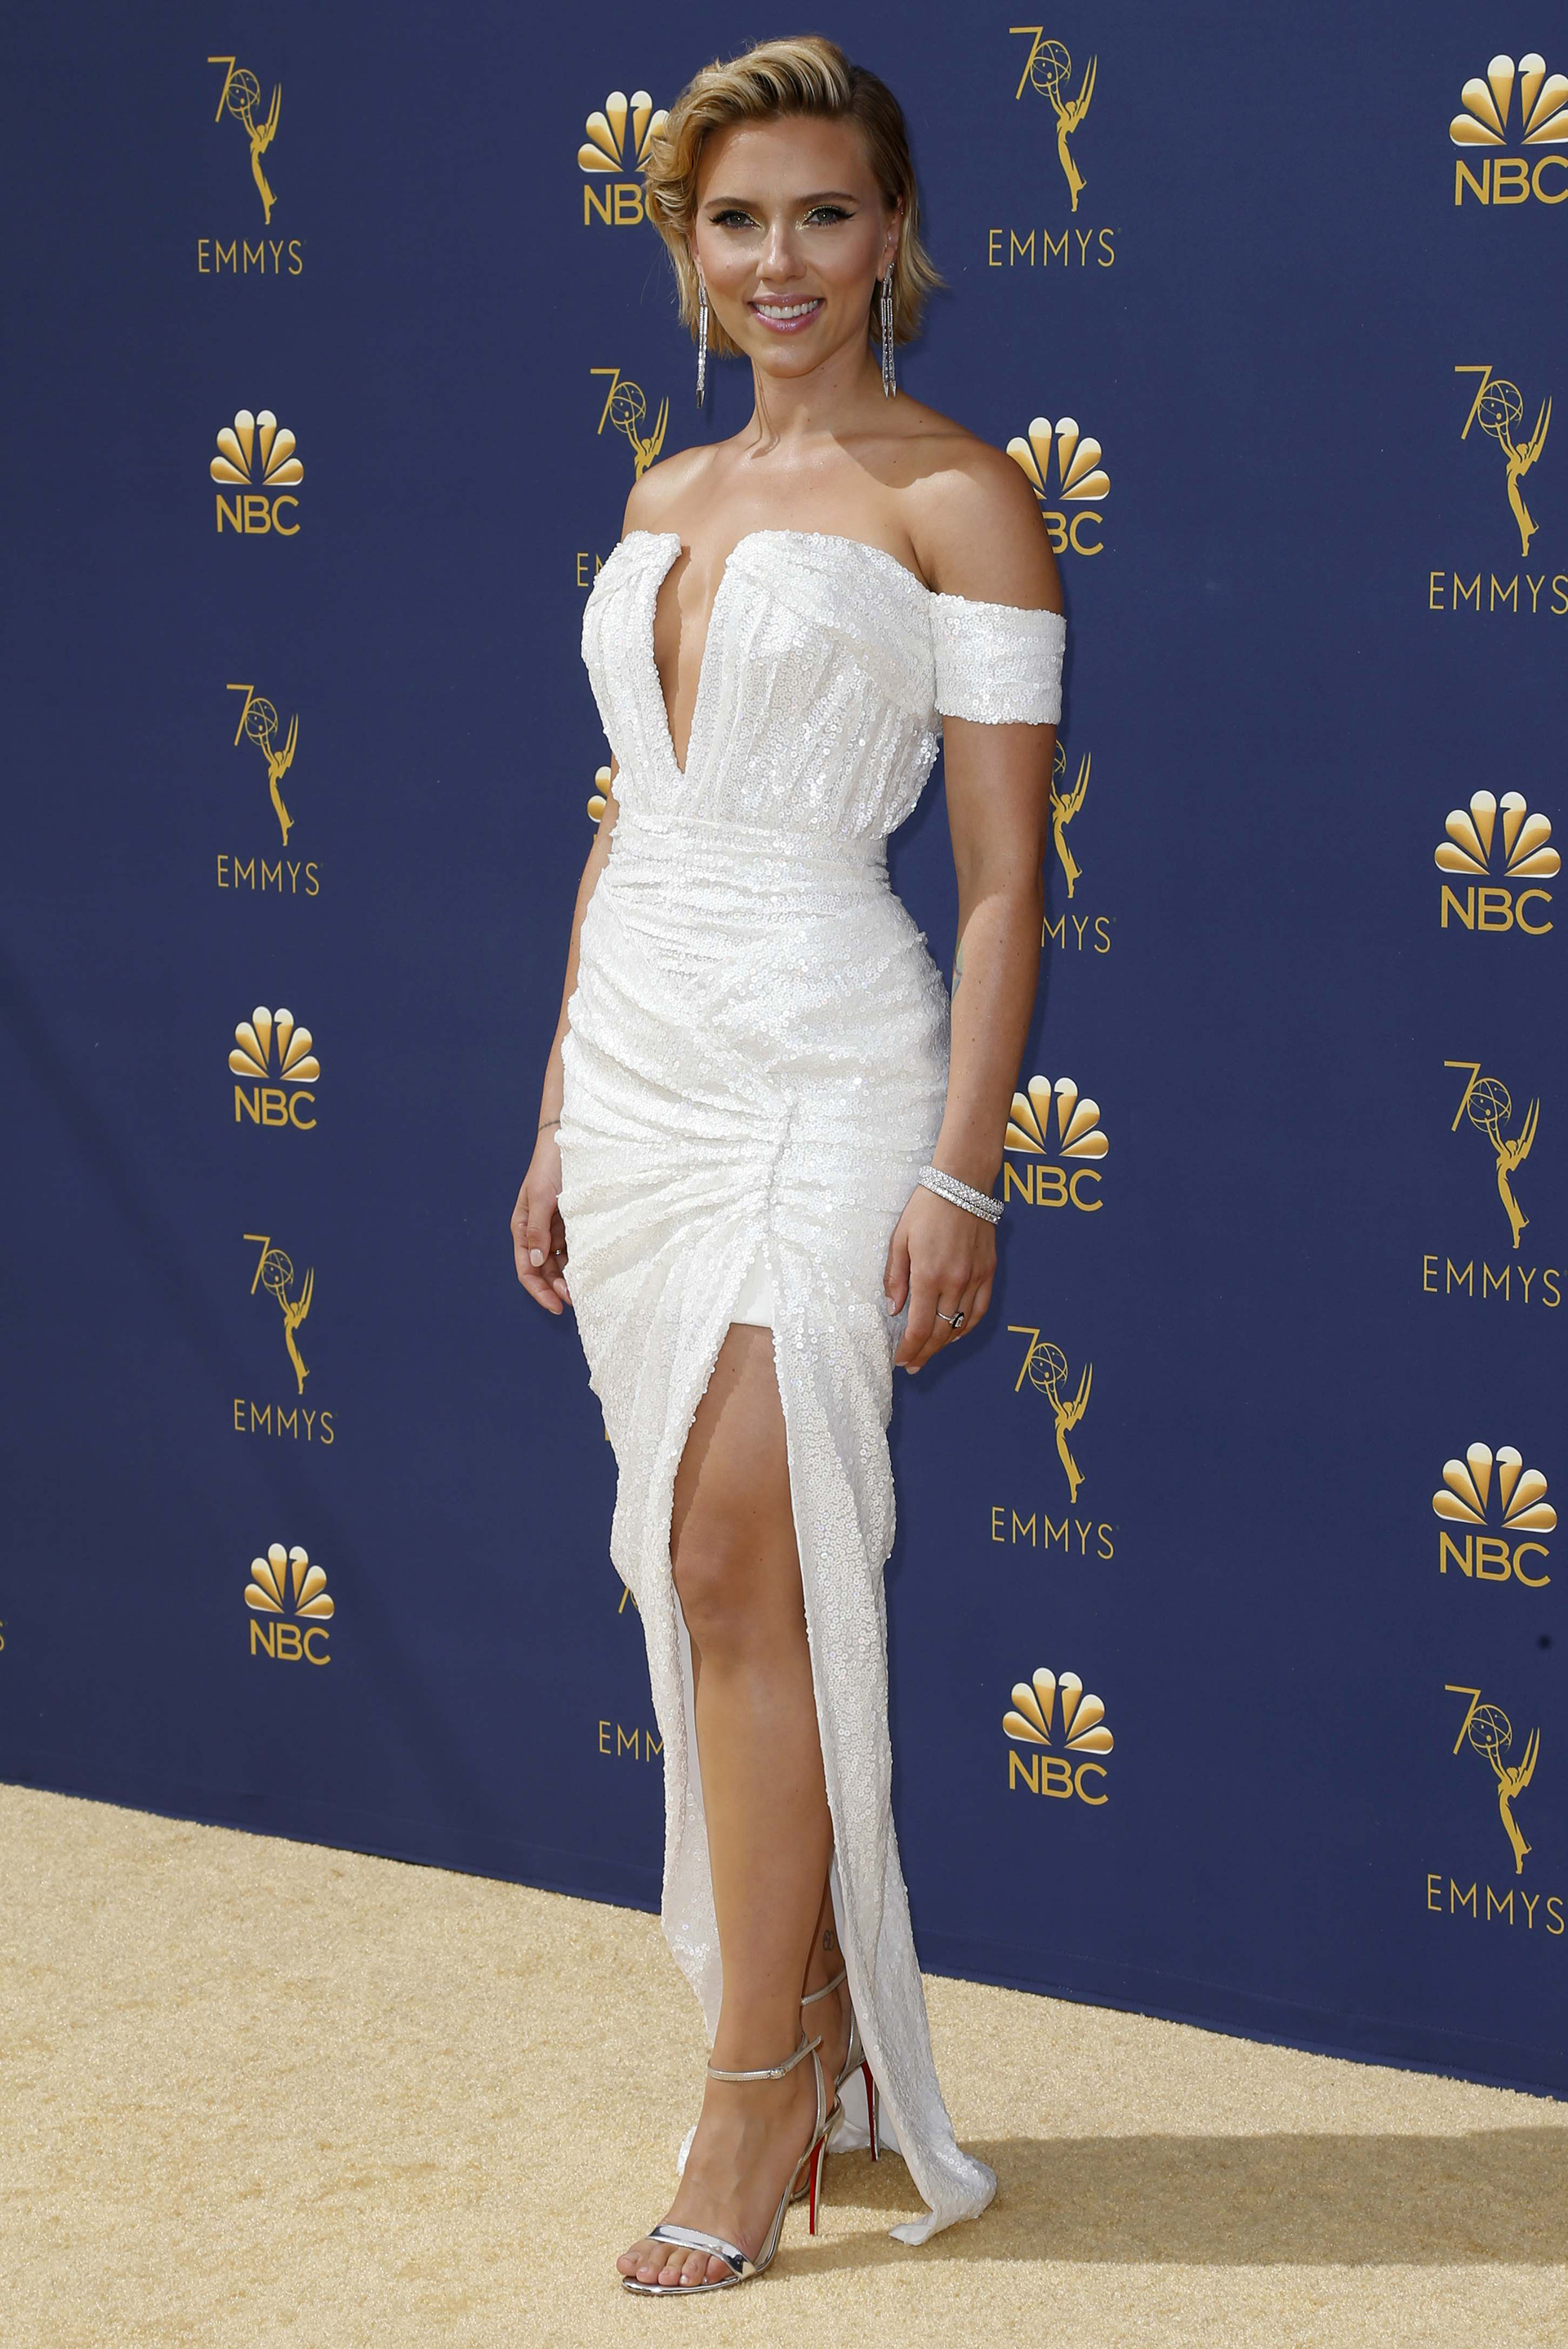 Scarlett Johansson con un vestido de diseño de autor de lentejuelas blancas y corte asimétrico